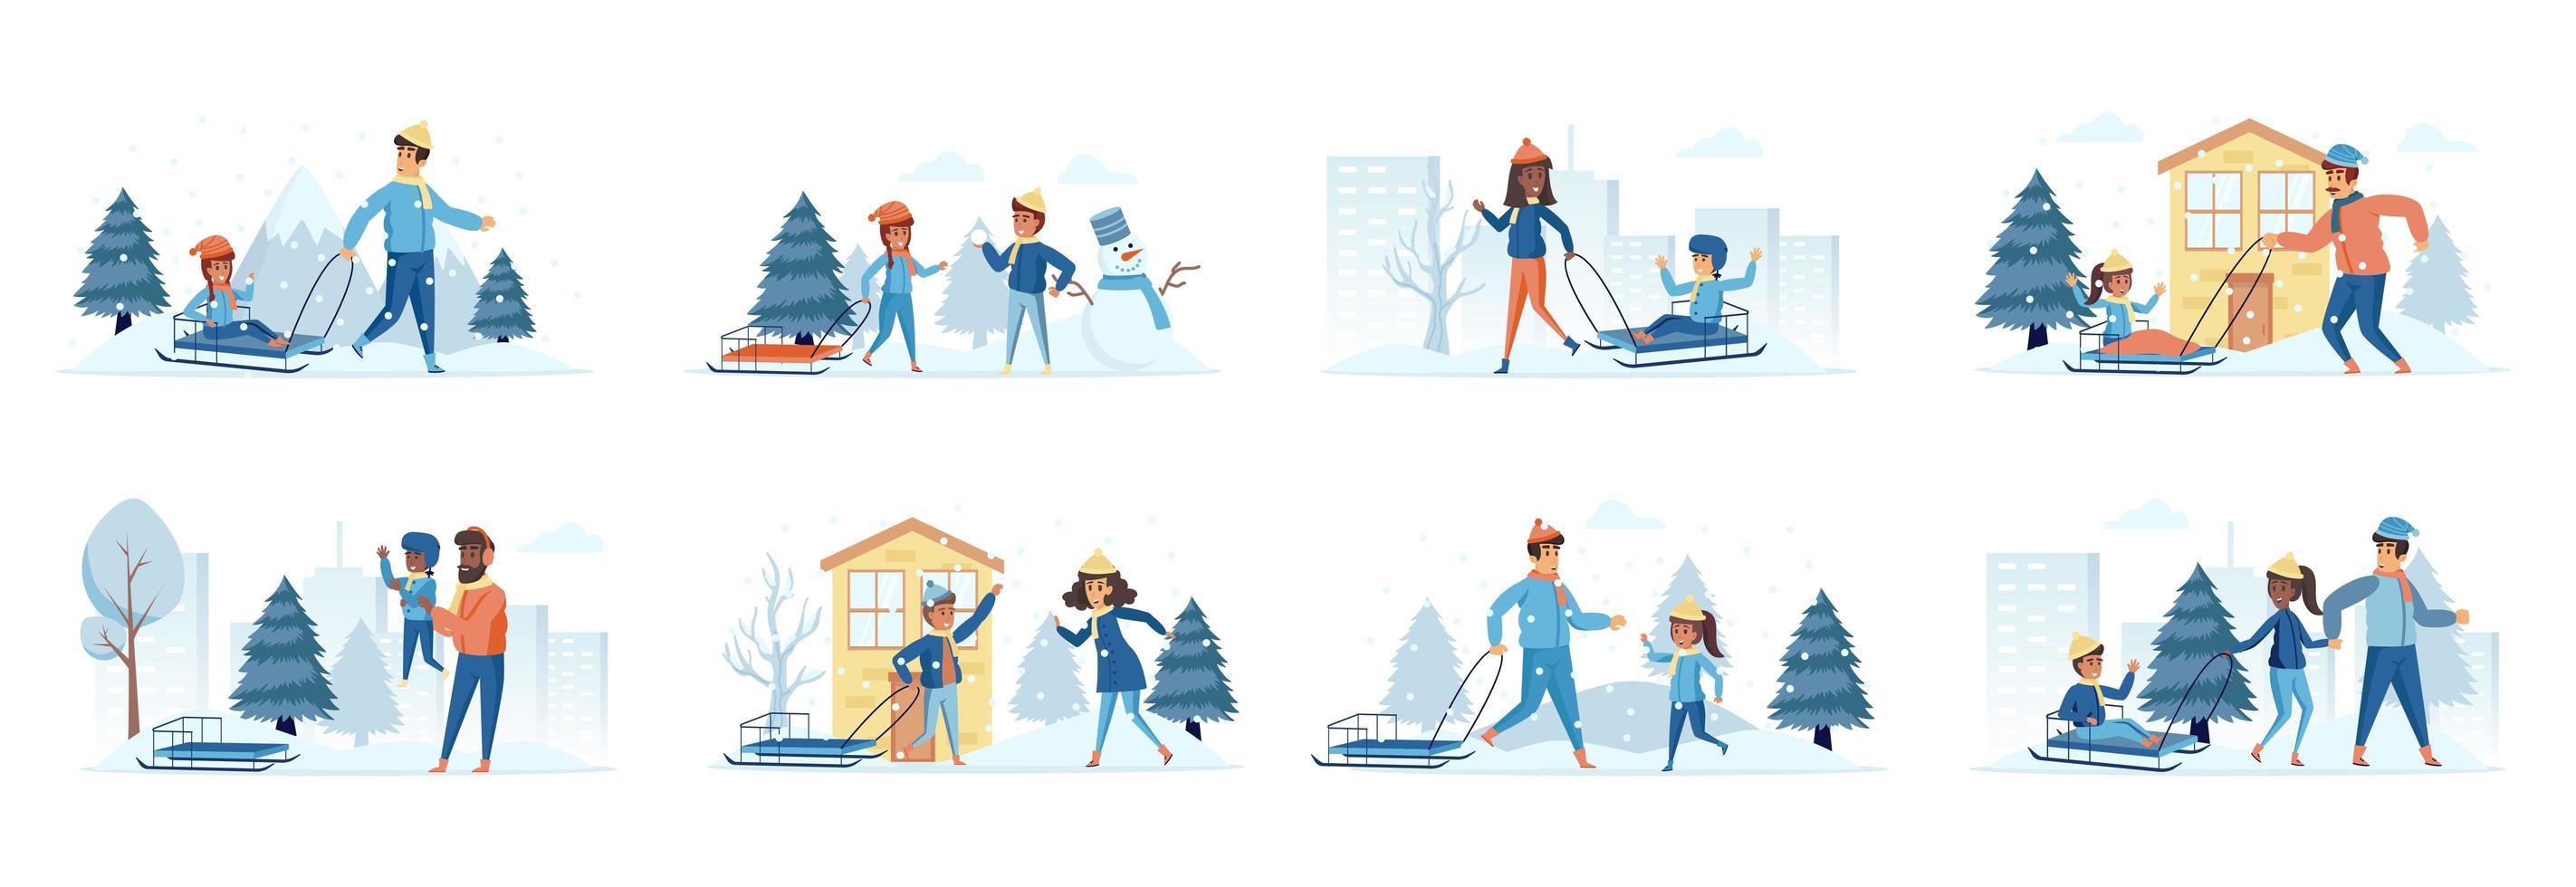 atividades de trenó na neve pacote de cenas com personagens vetor